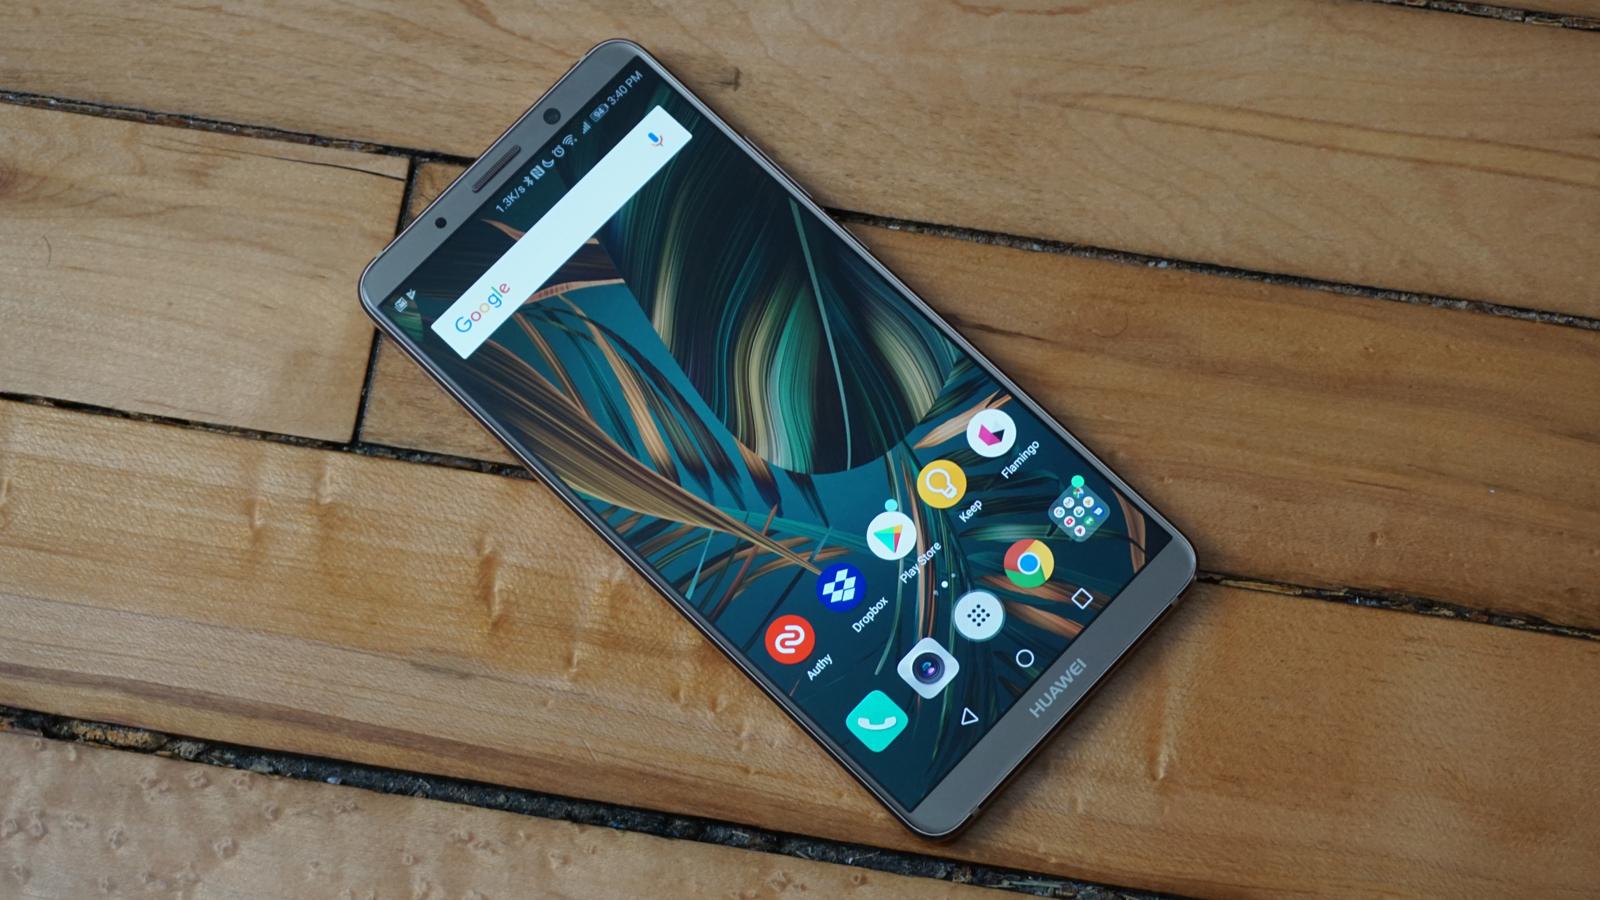 Huawei Mate 20 Pro sẽ sở hữu viên pin rất lớn, lên tới 4200mAh?